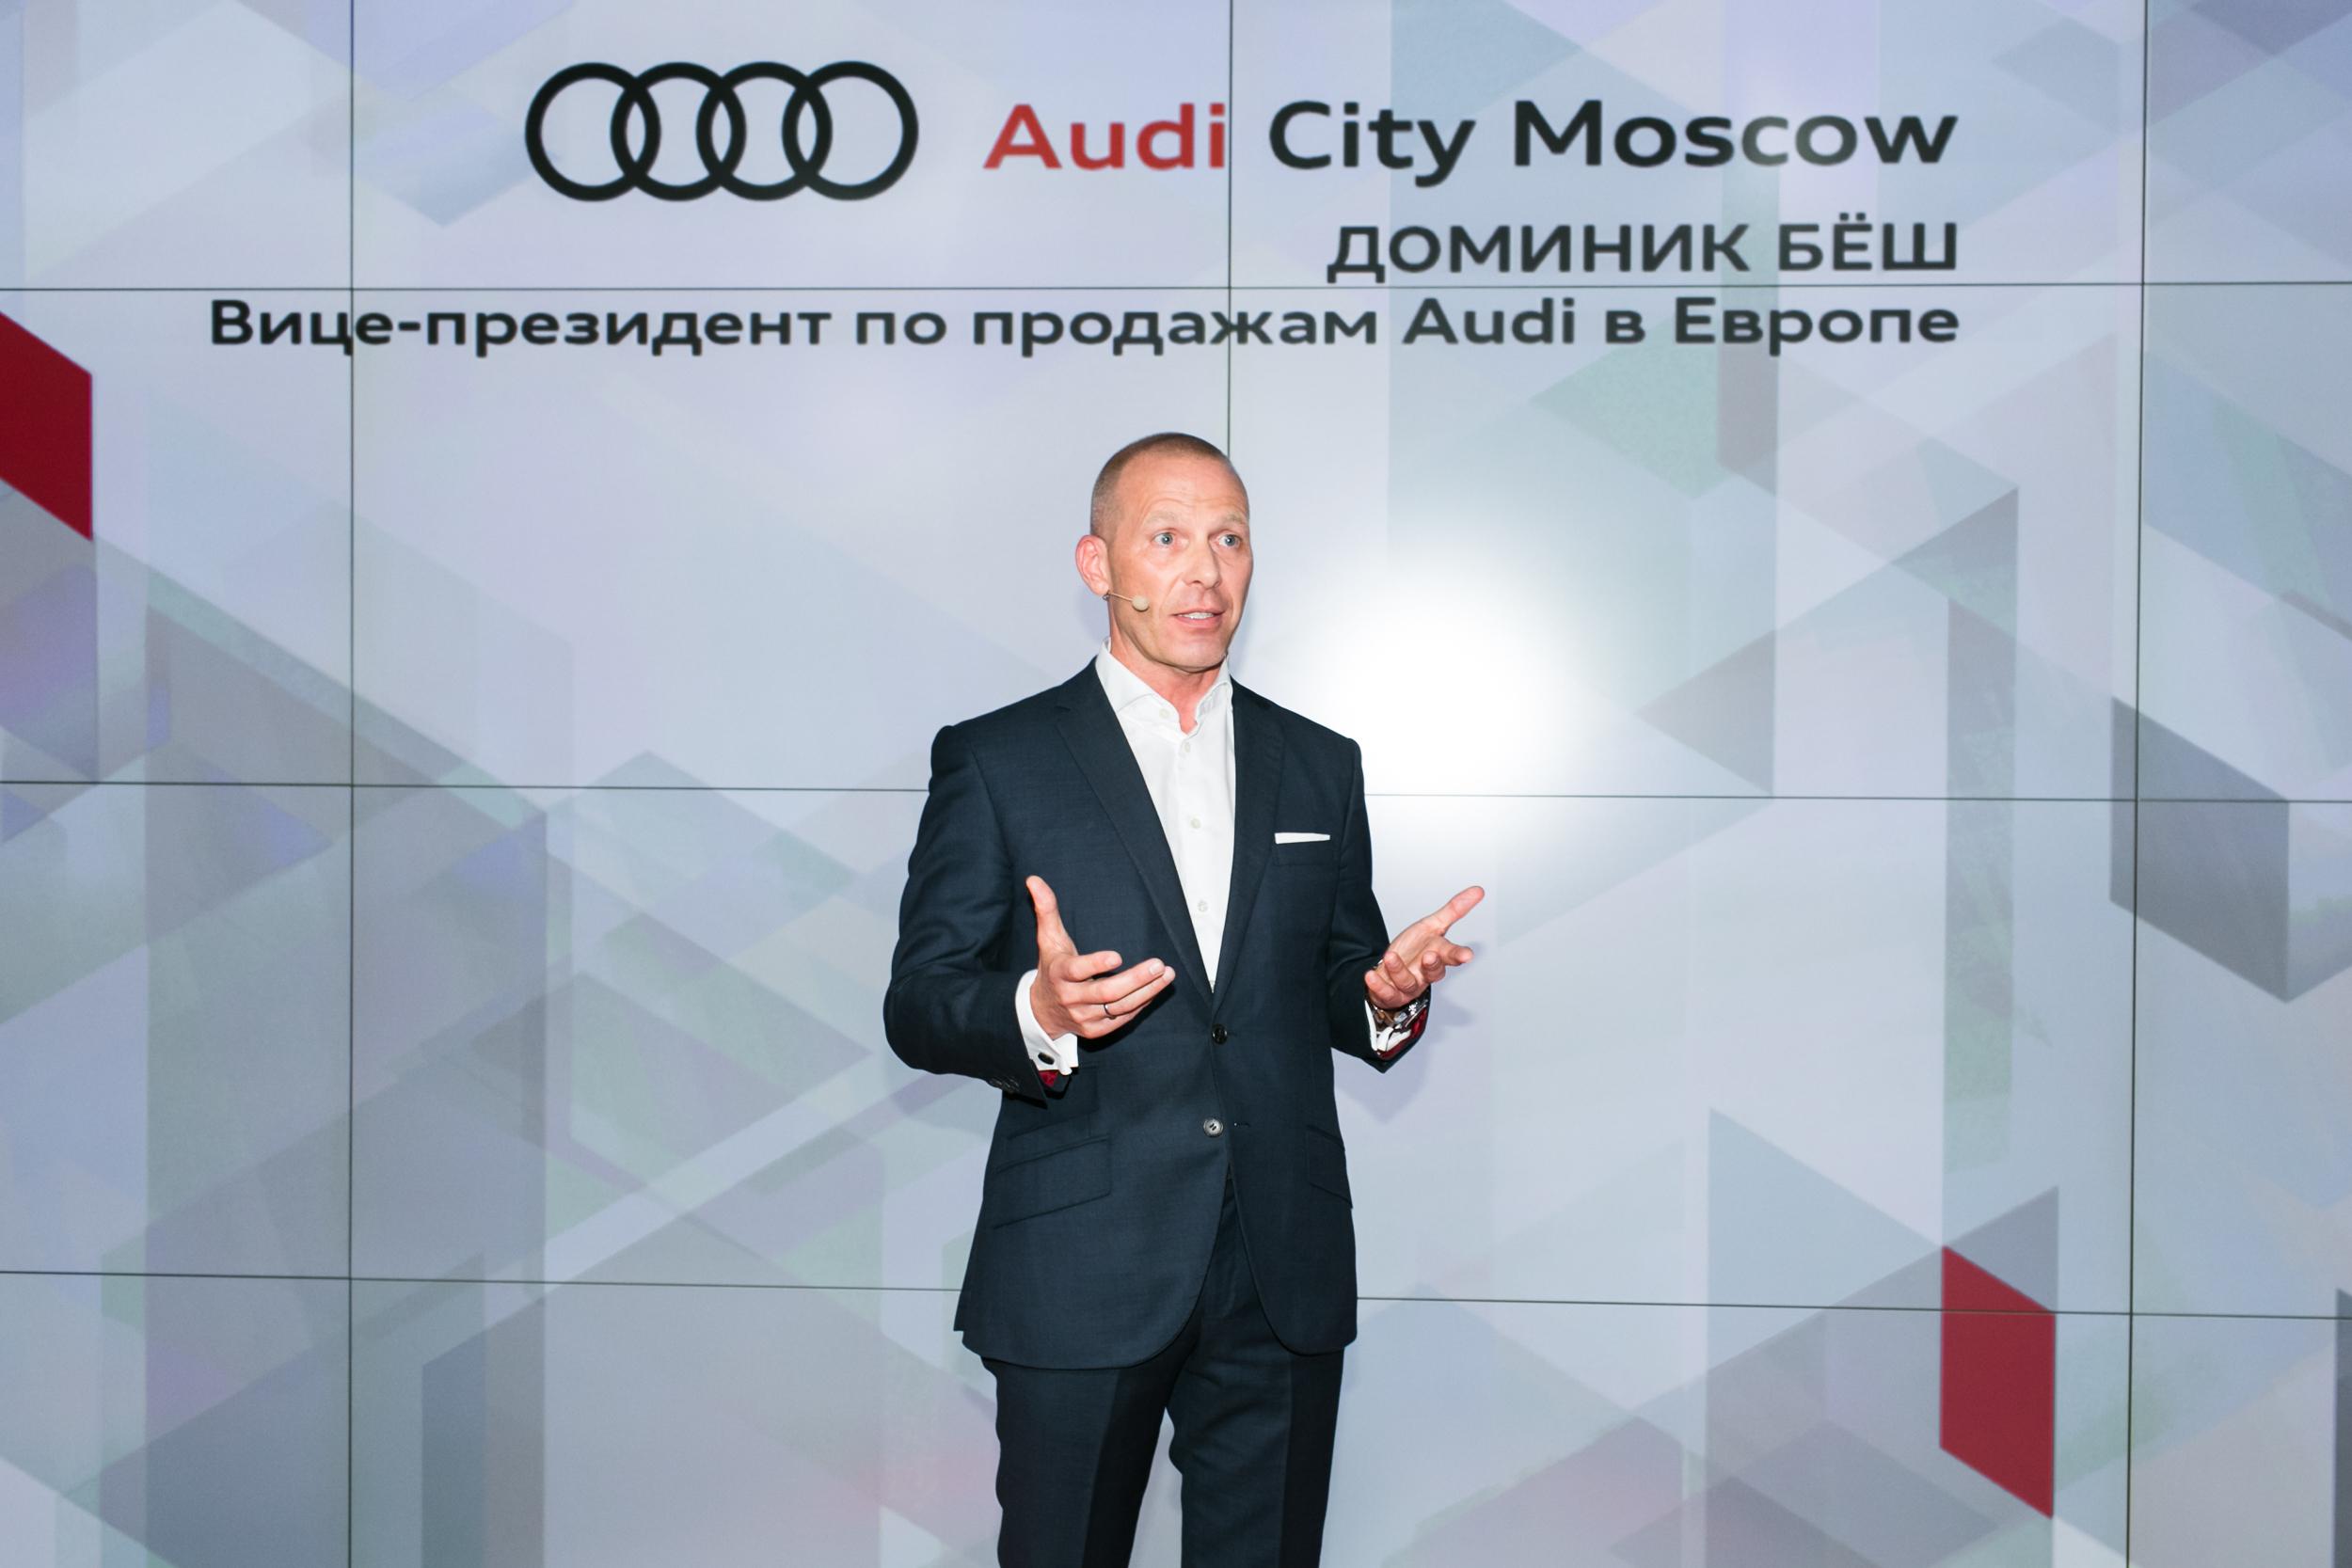 Доминик Бёш: «Audi City — это лаборатория, в которой мы учимся и тестируем новые подходы»